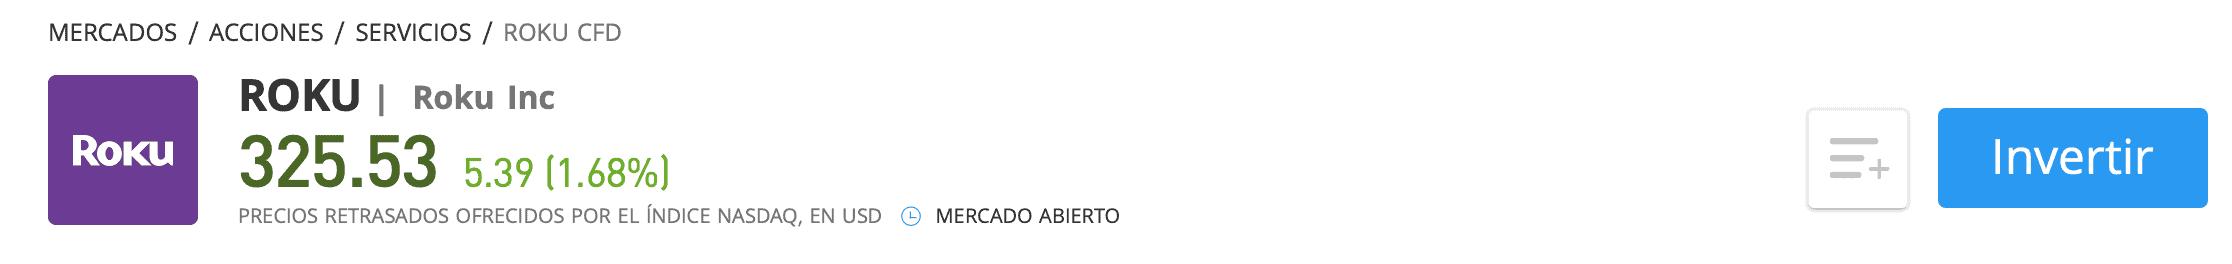 Comprar acciones Roku eToro